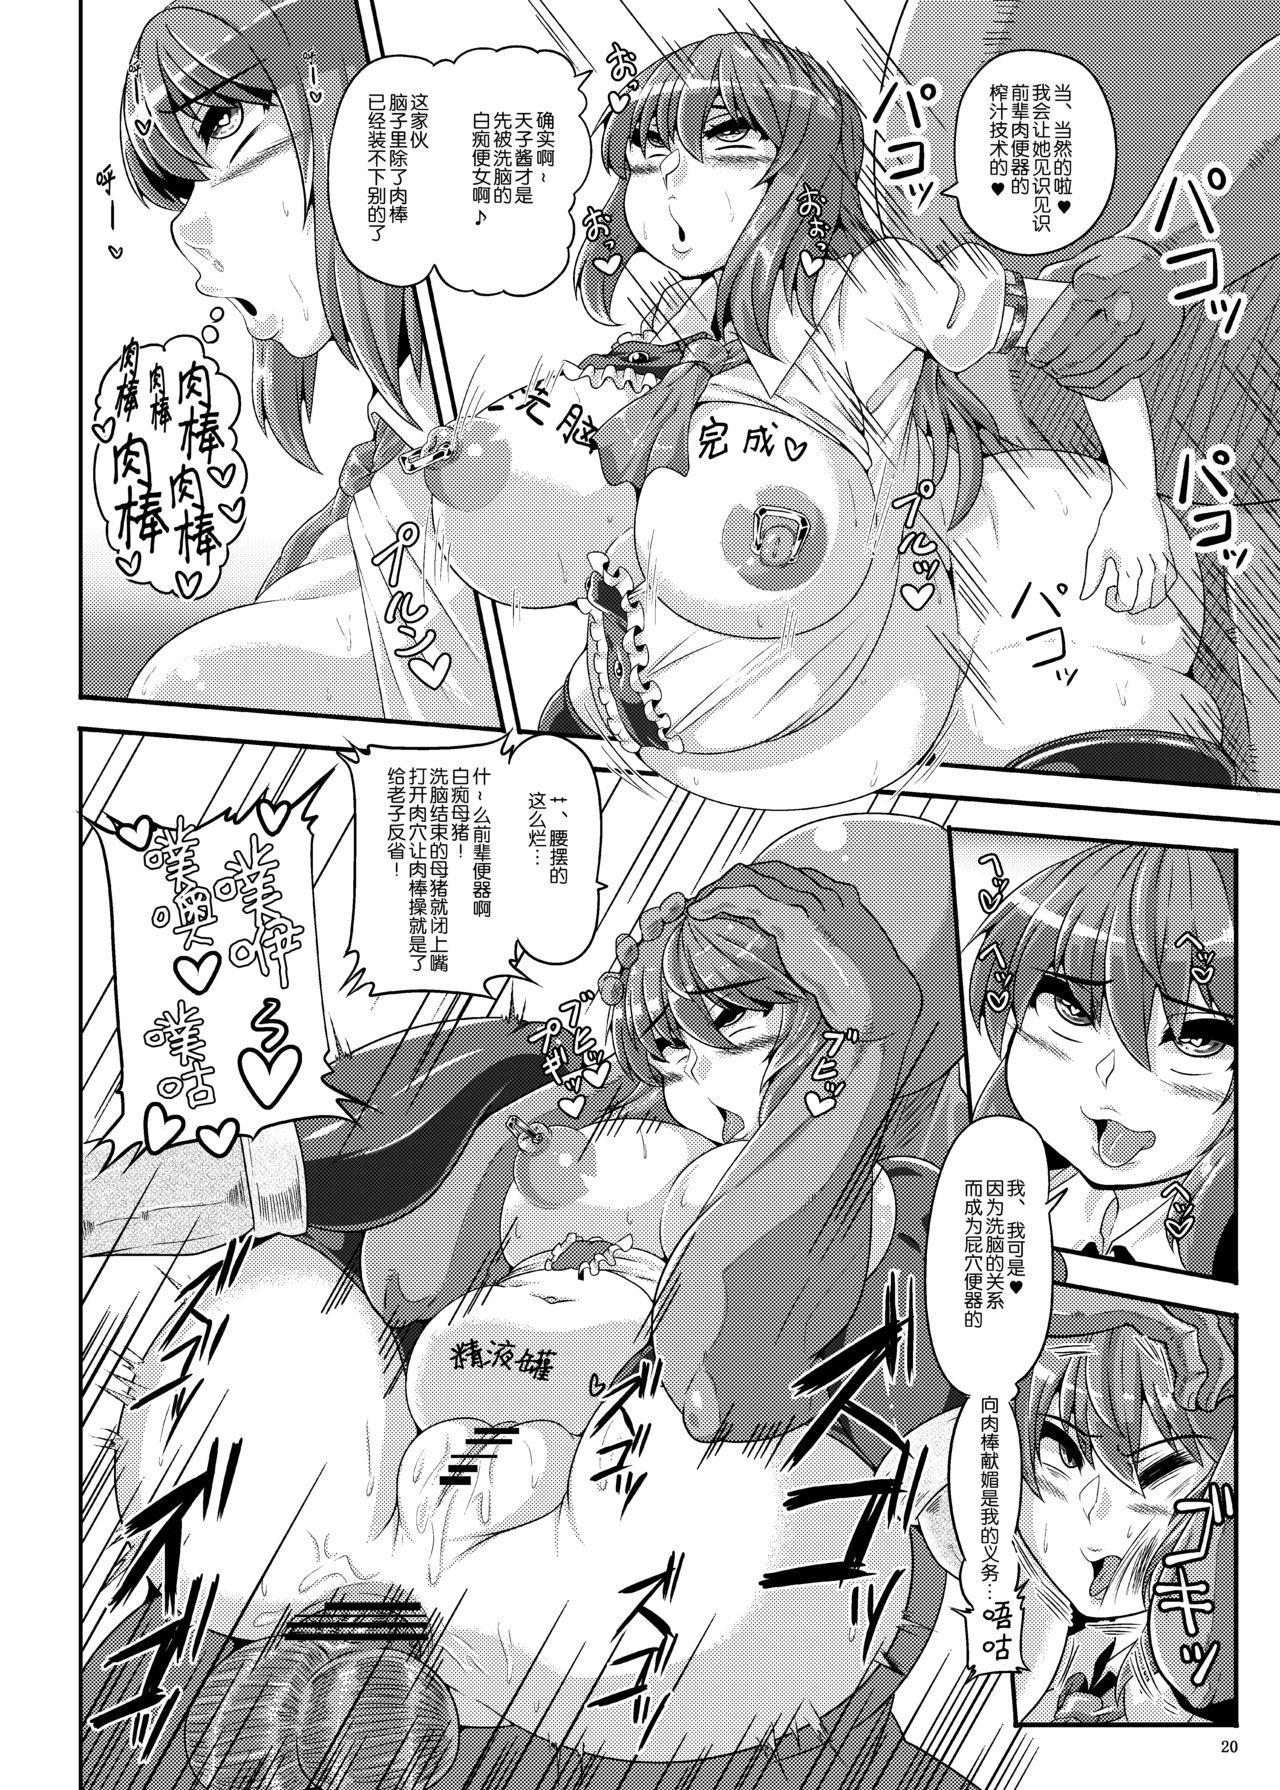 Saimin? Sennou? Dekiru Mono nara Yatte Minasai yo! After 19